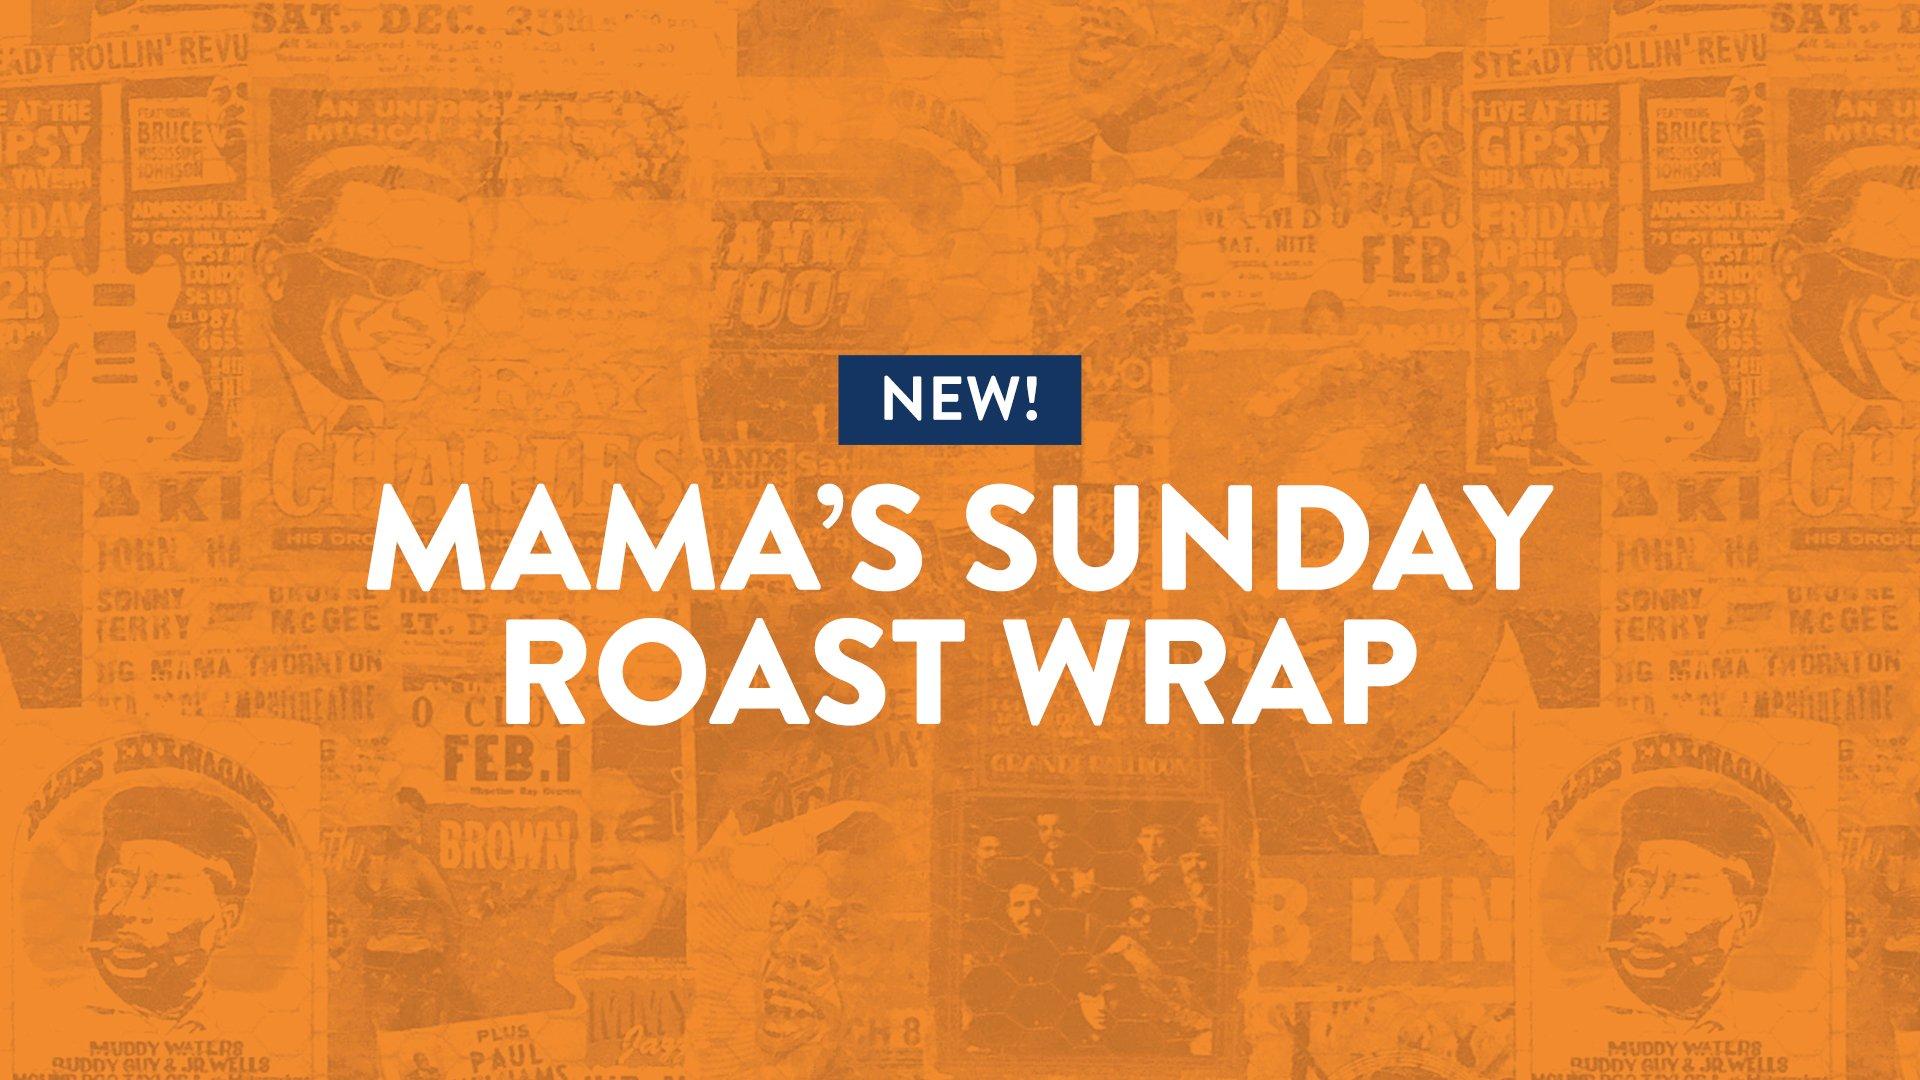 C&B launches Mama's Sunday Roast Wrap